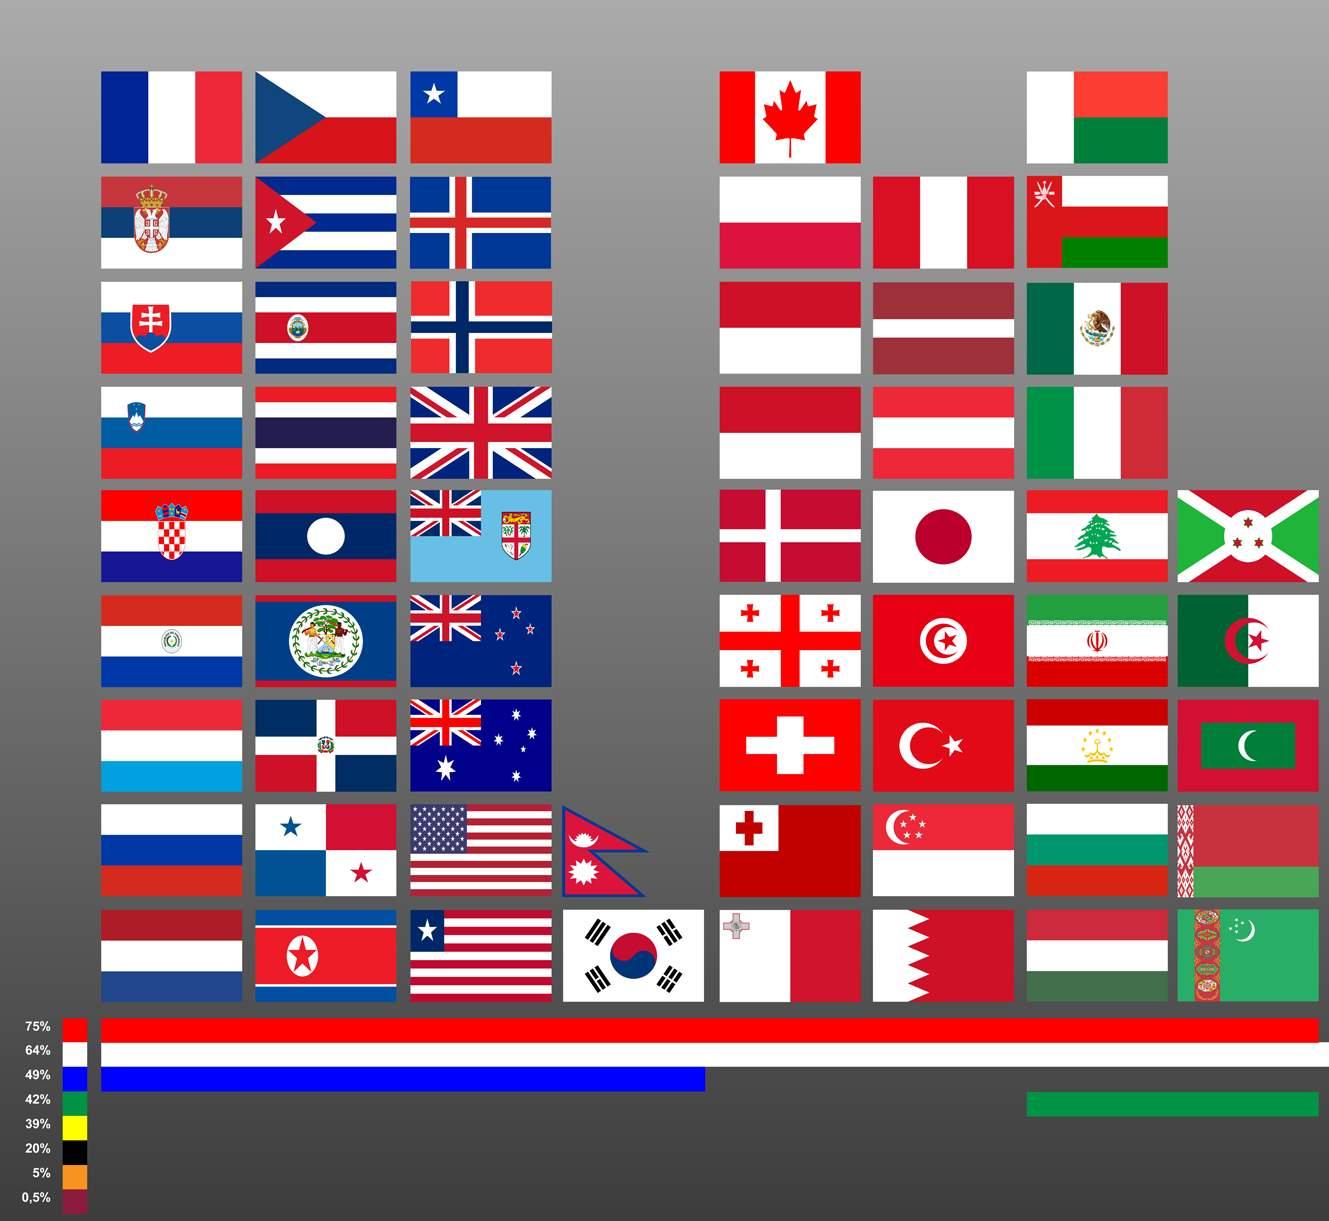 Infographic die vlaggen van de wereld weergeeft en hoe vaak een bepaalde kleur word gebruikt in totaal van al die vlaggen